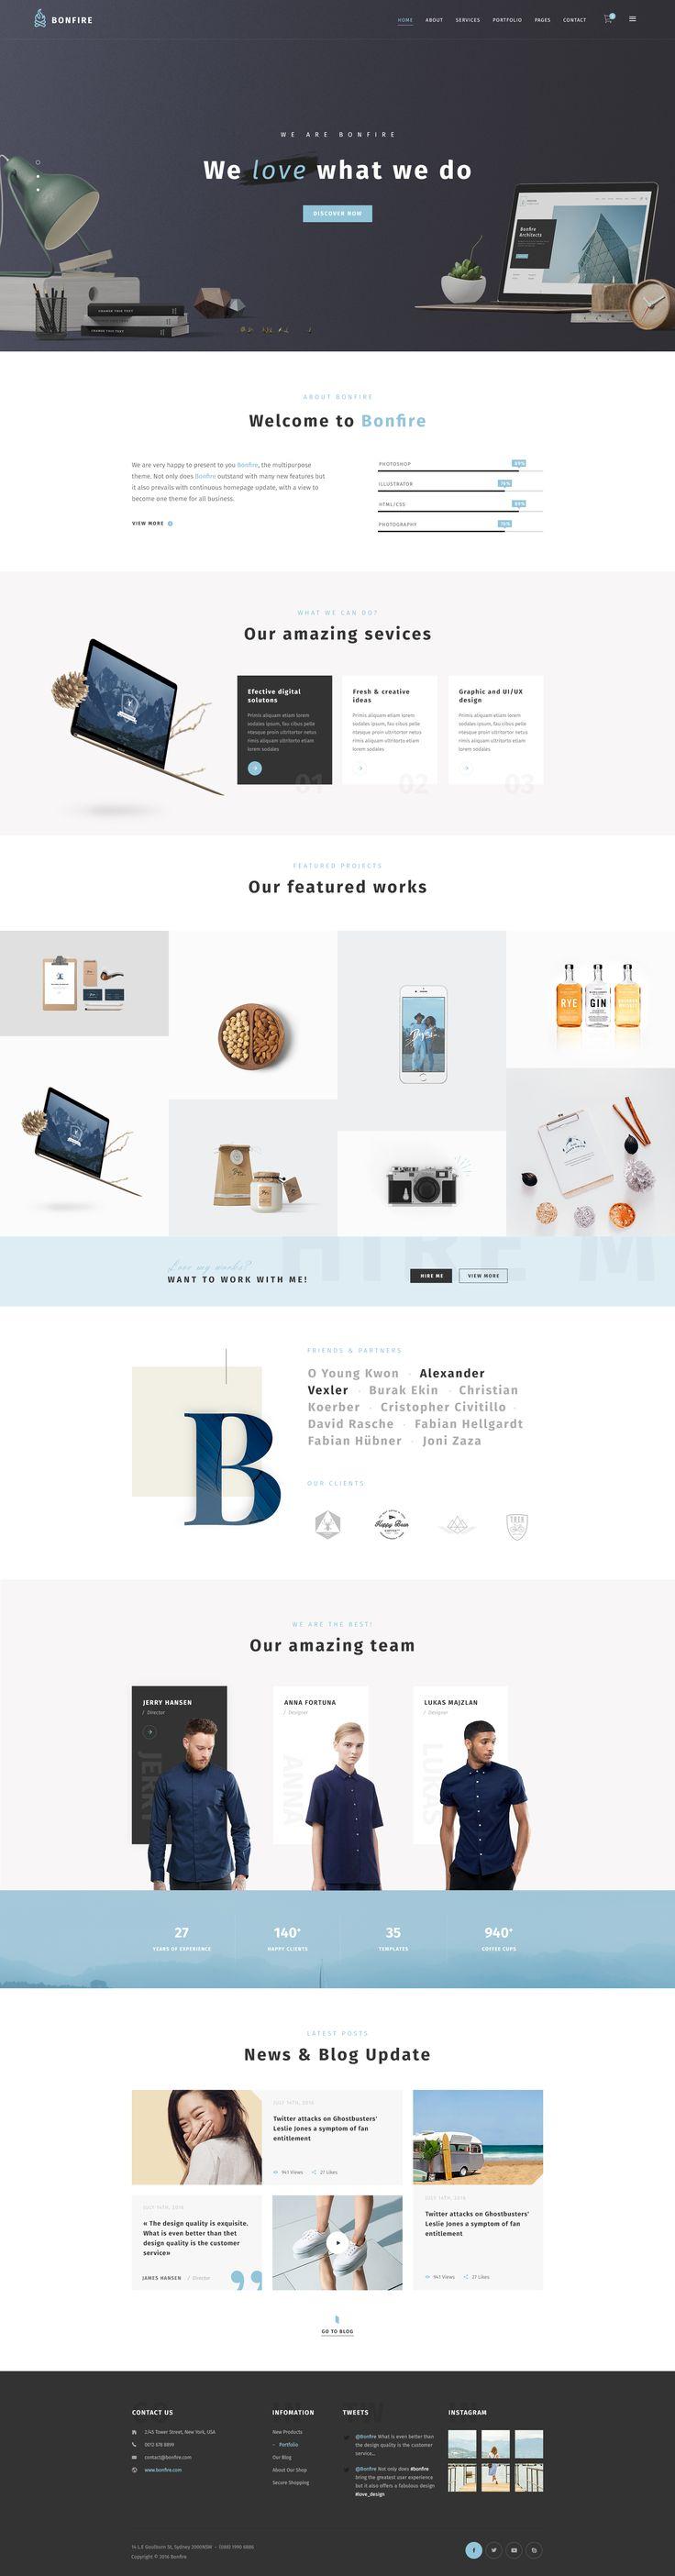 Bonfire - Creative Multi-Purpose PSD Template #multipurpose #portfolio #shop • Download ➝ https://themeforest.net/item/bonfire-creative-multipurpose-psd-template/19267643?ref=pxcr